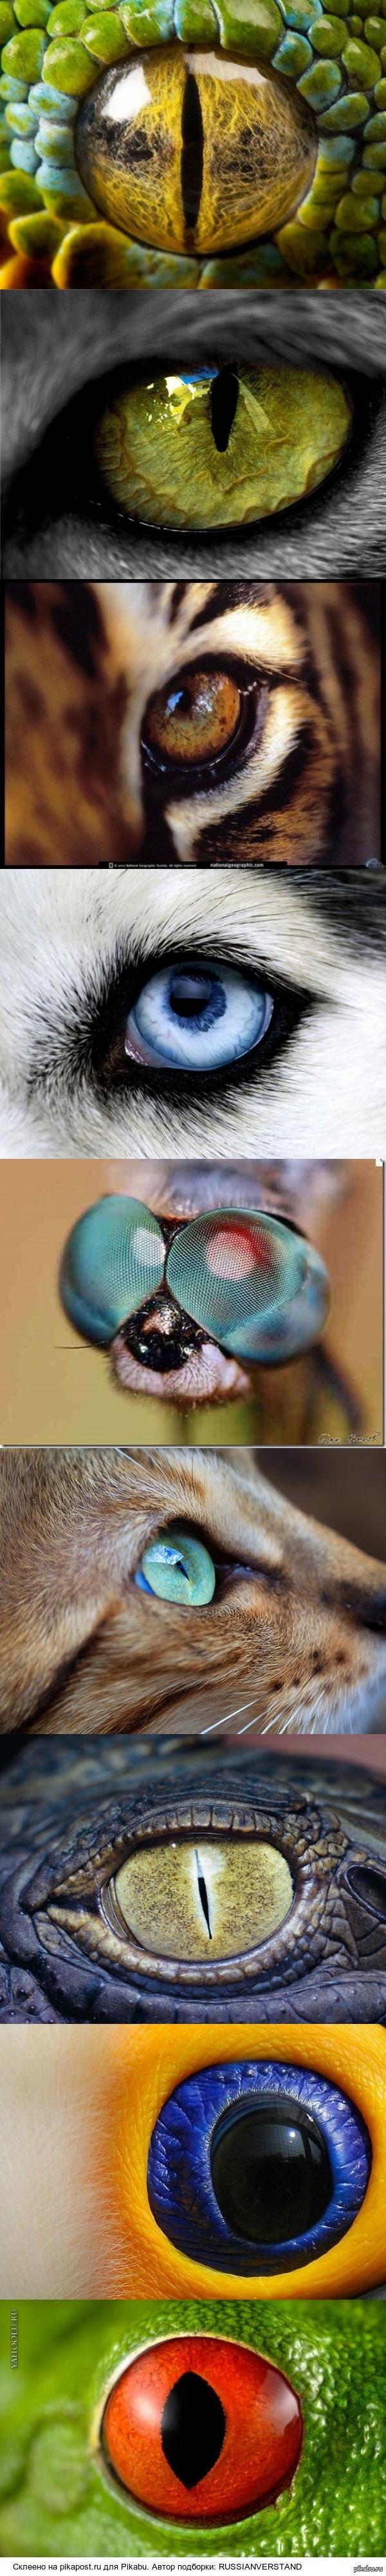 Подборка потрясающих фотографий глаз животных.